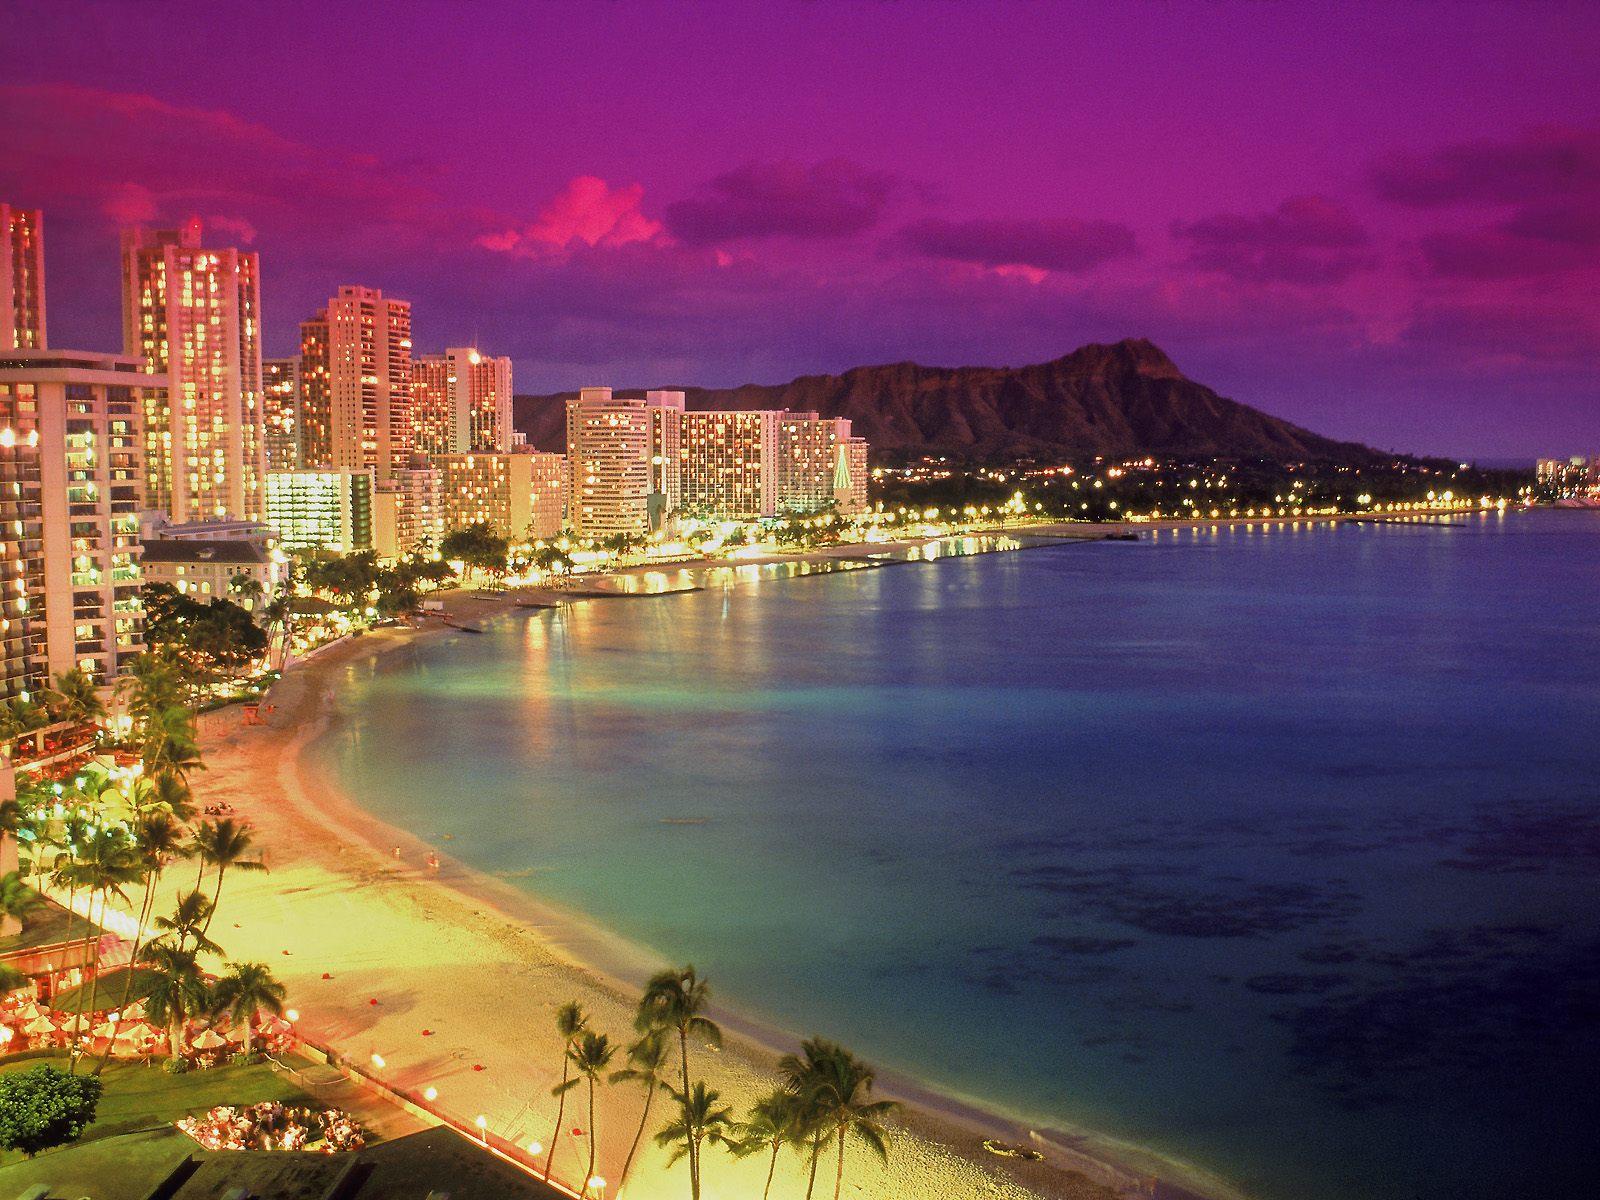 Waikiki at Dusk Hawaii Wallpapers HD Wallpapers 1600x1200